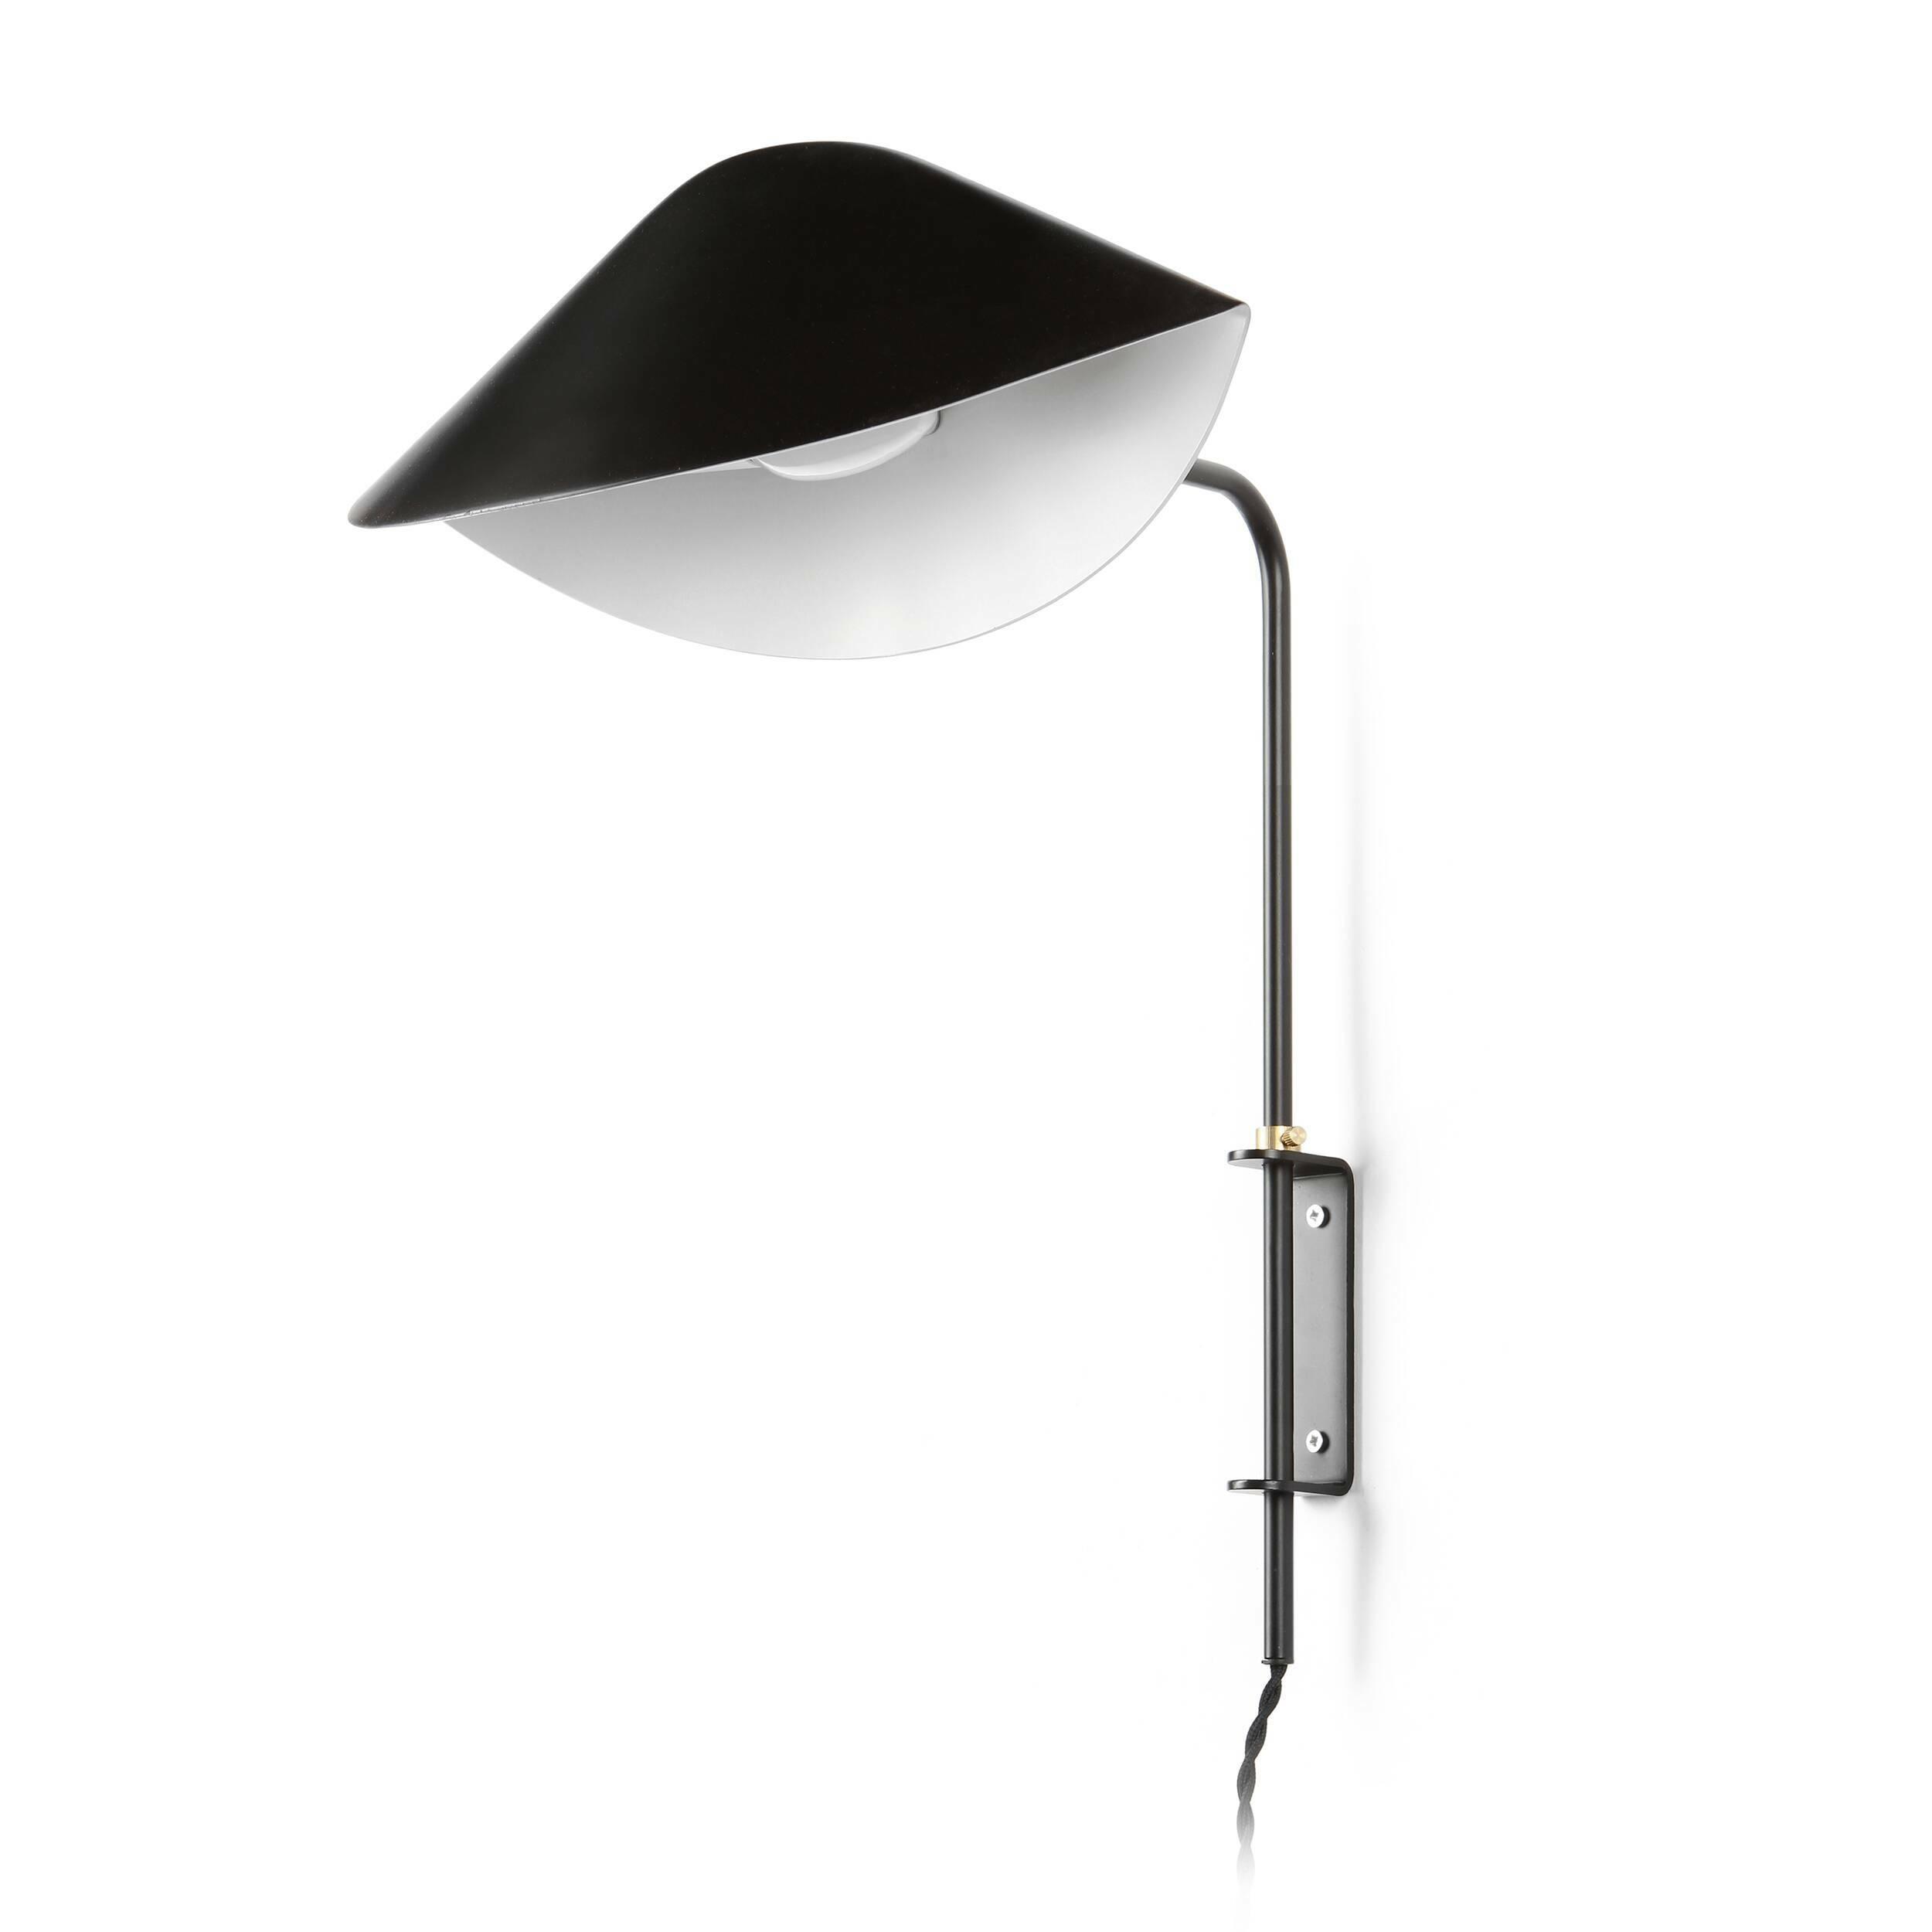 Настенный светильник Cosmo 15580772 от Cosmorelax